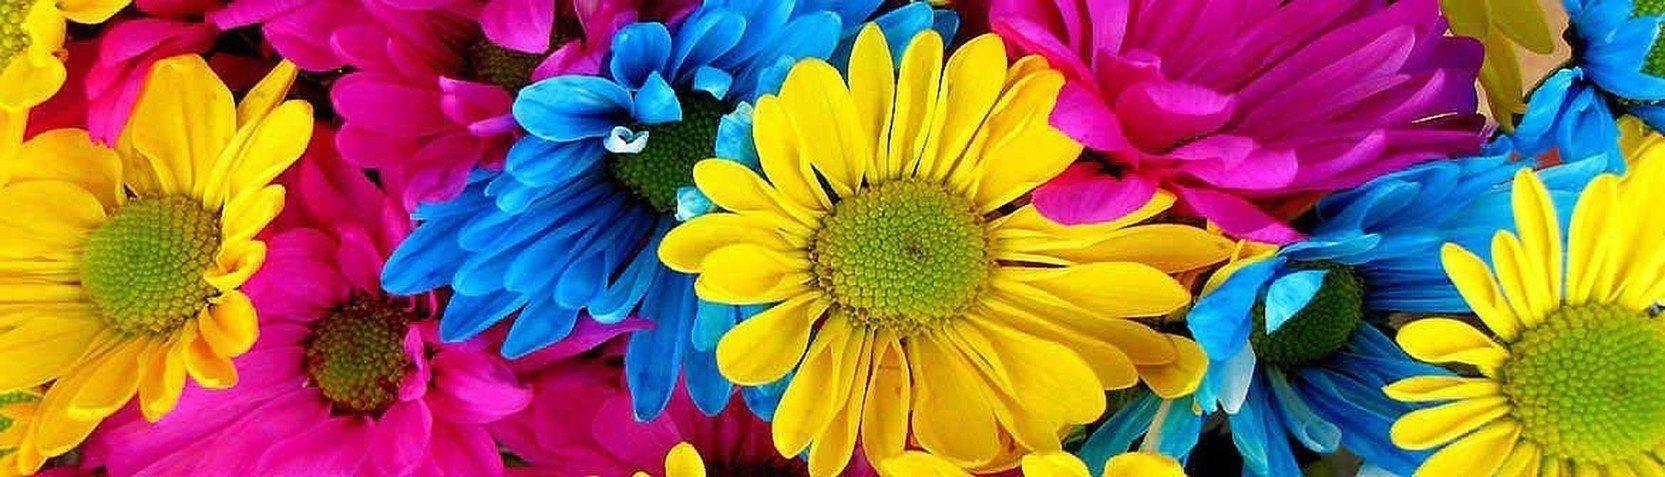 Colecciones - Cuadros de flores